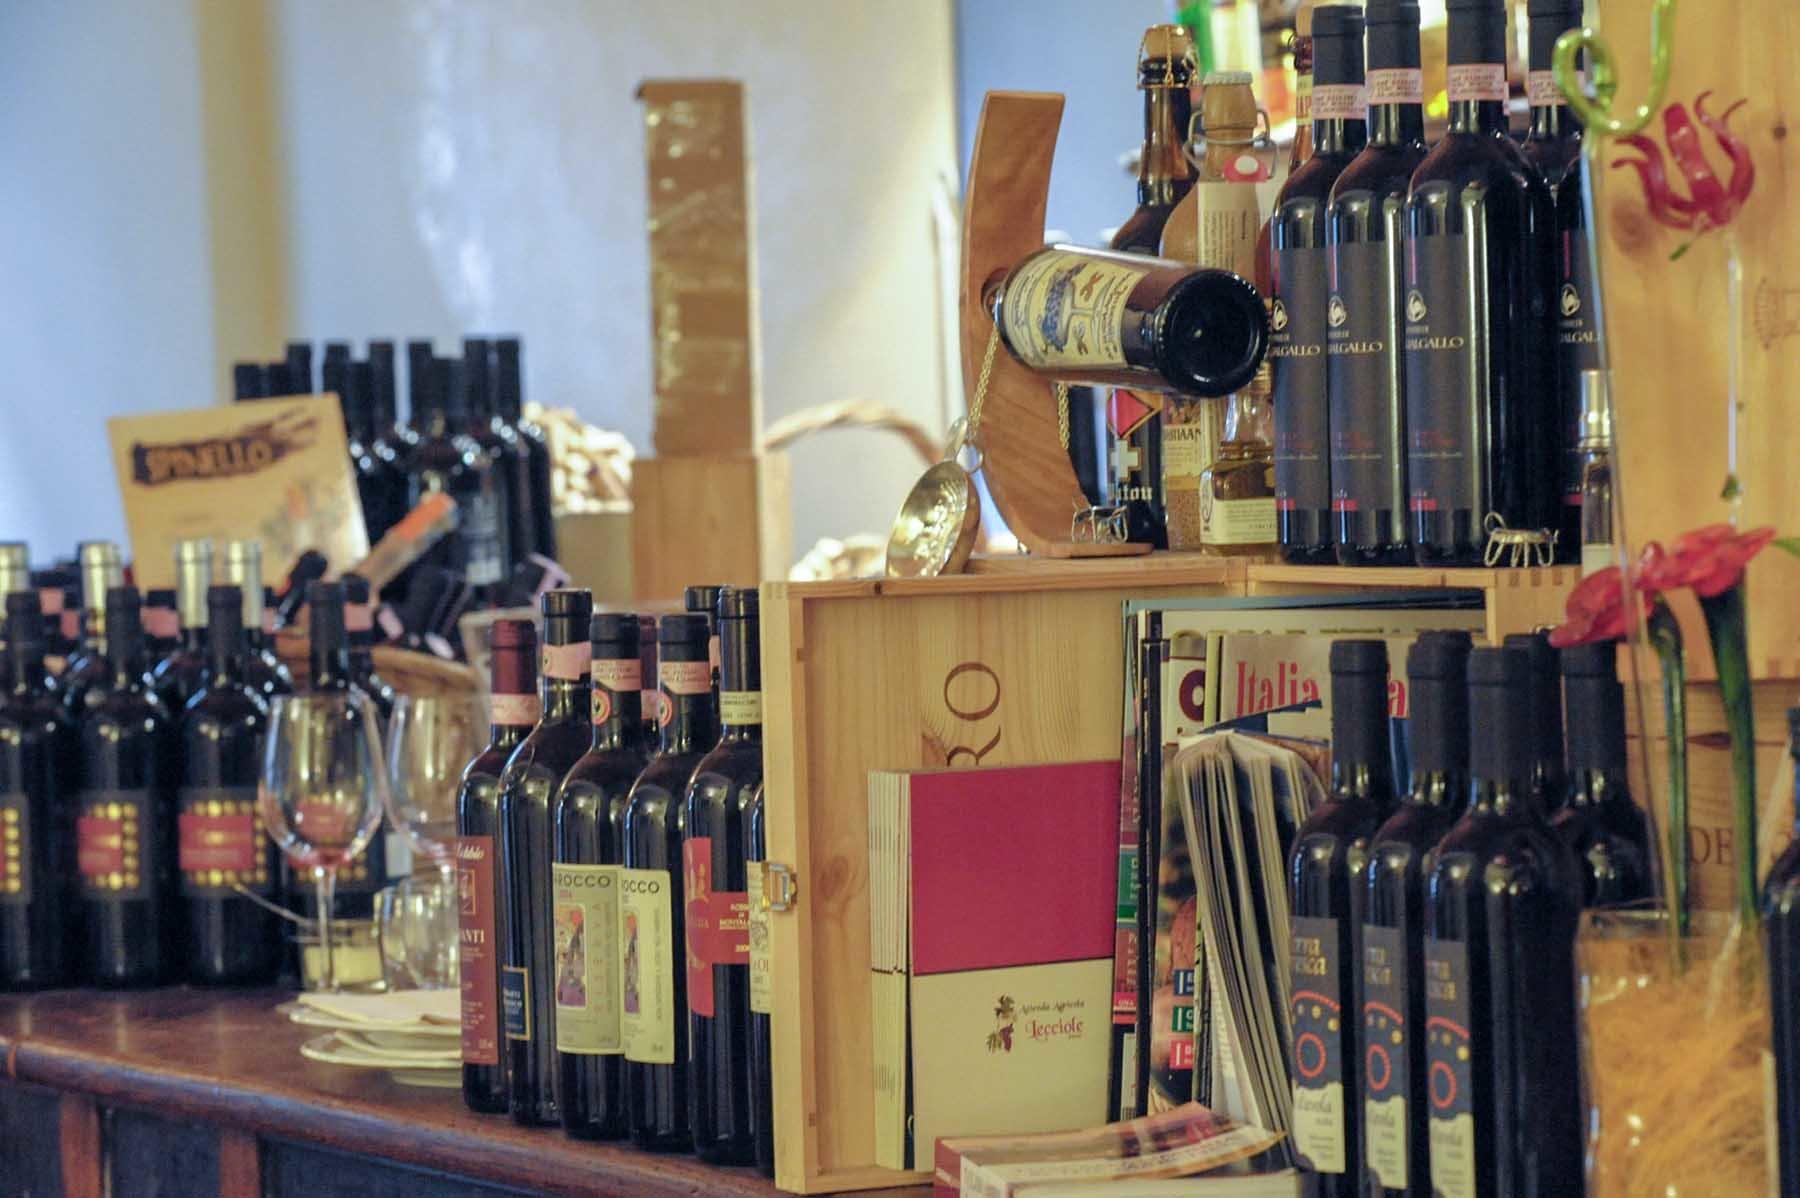 Butelki z toskańskim winem we włoskiej restauracji we Florencji